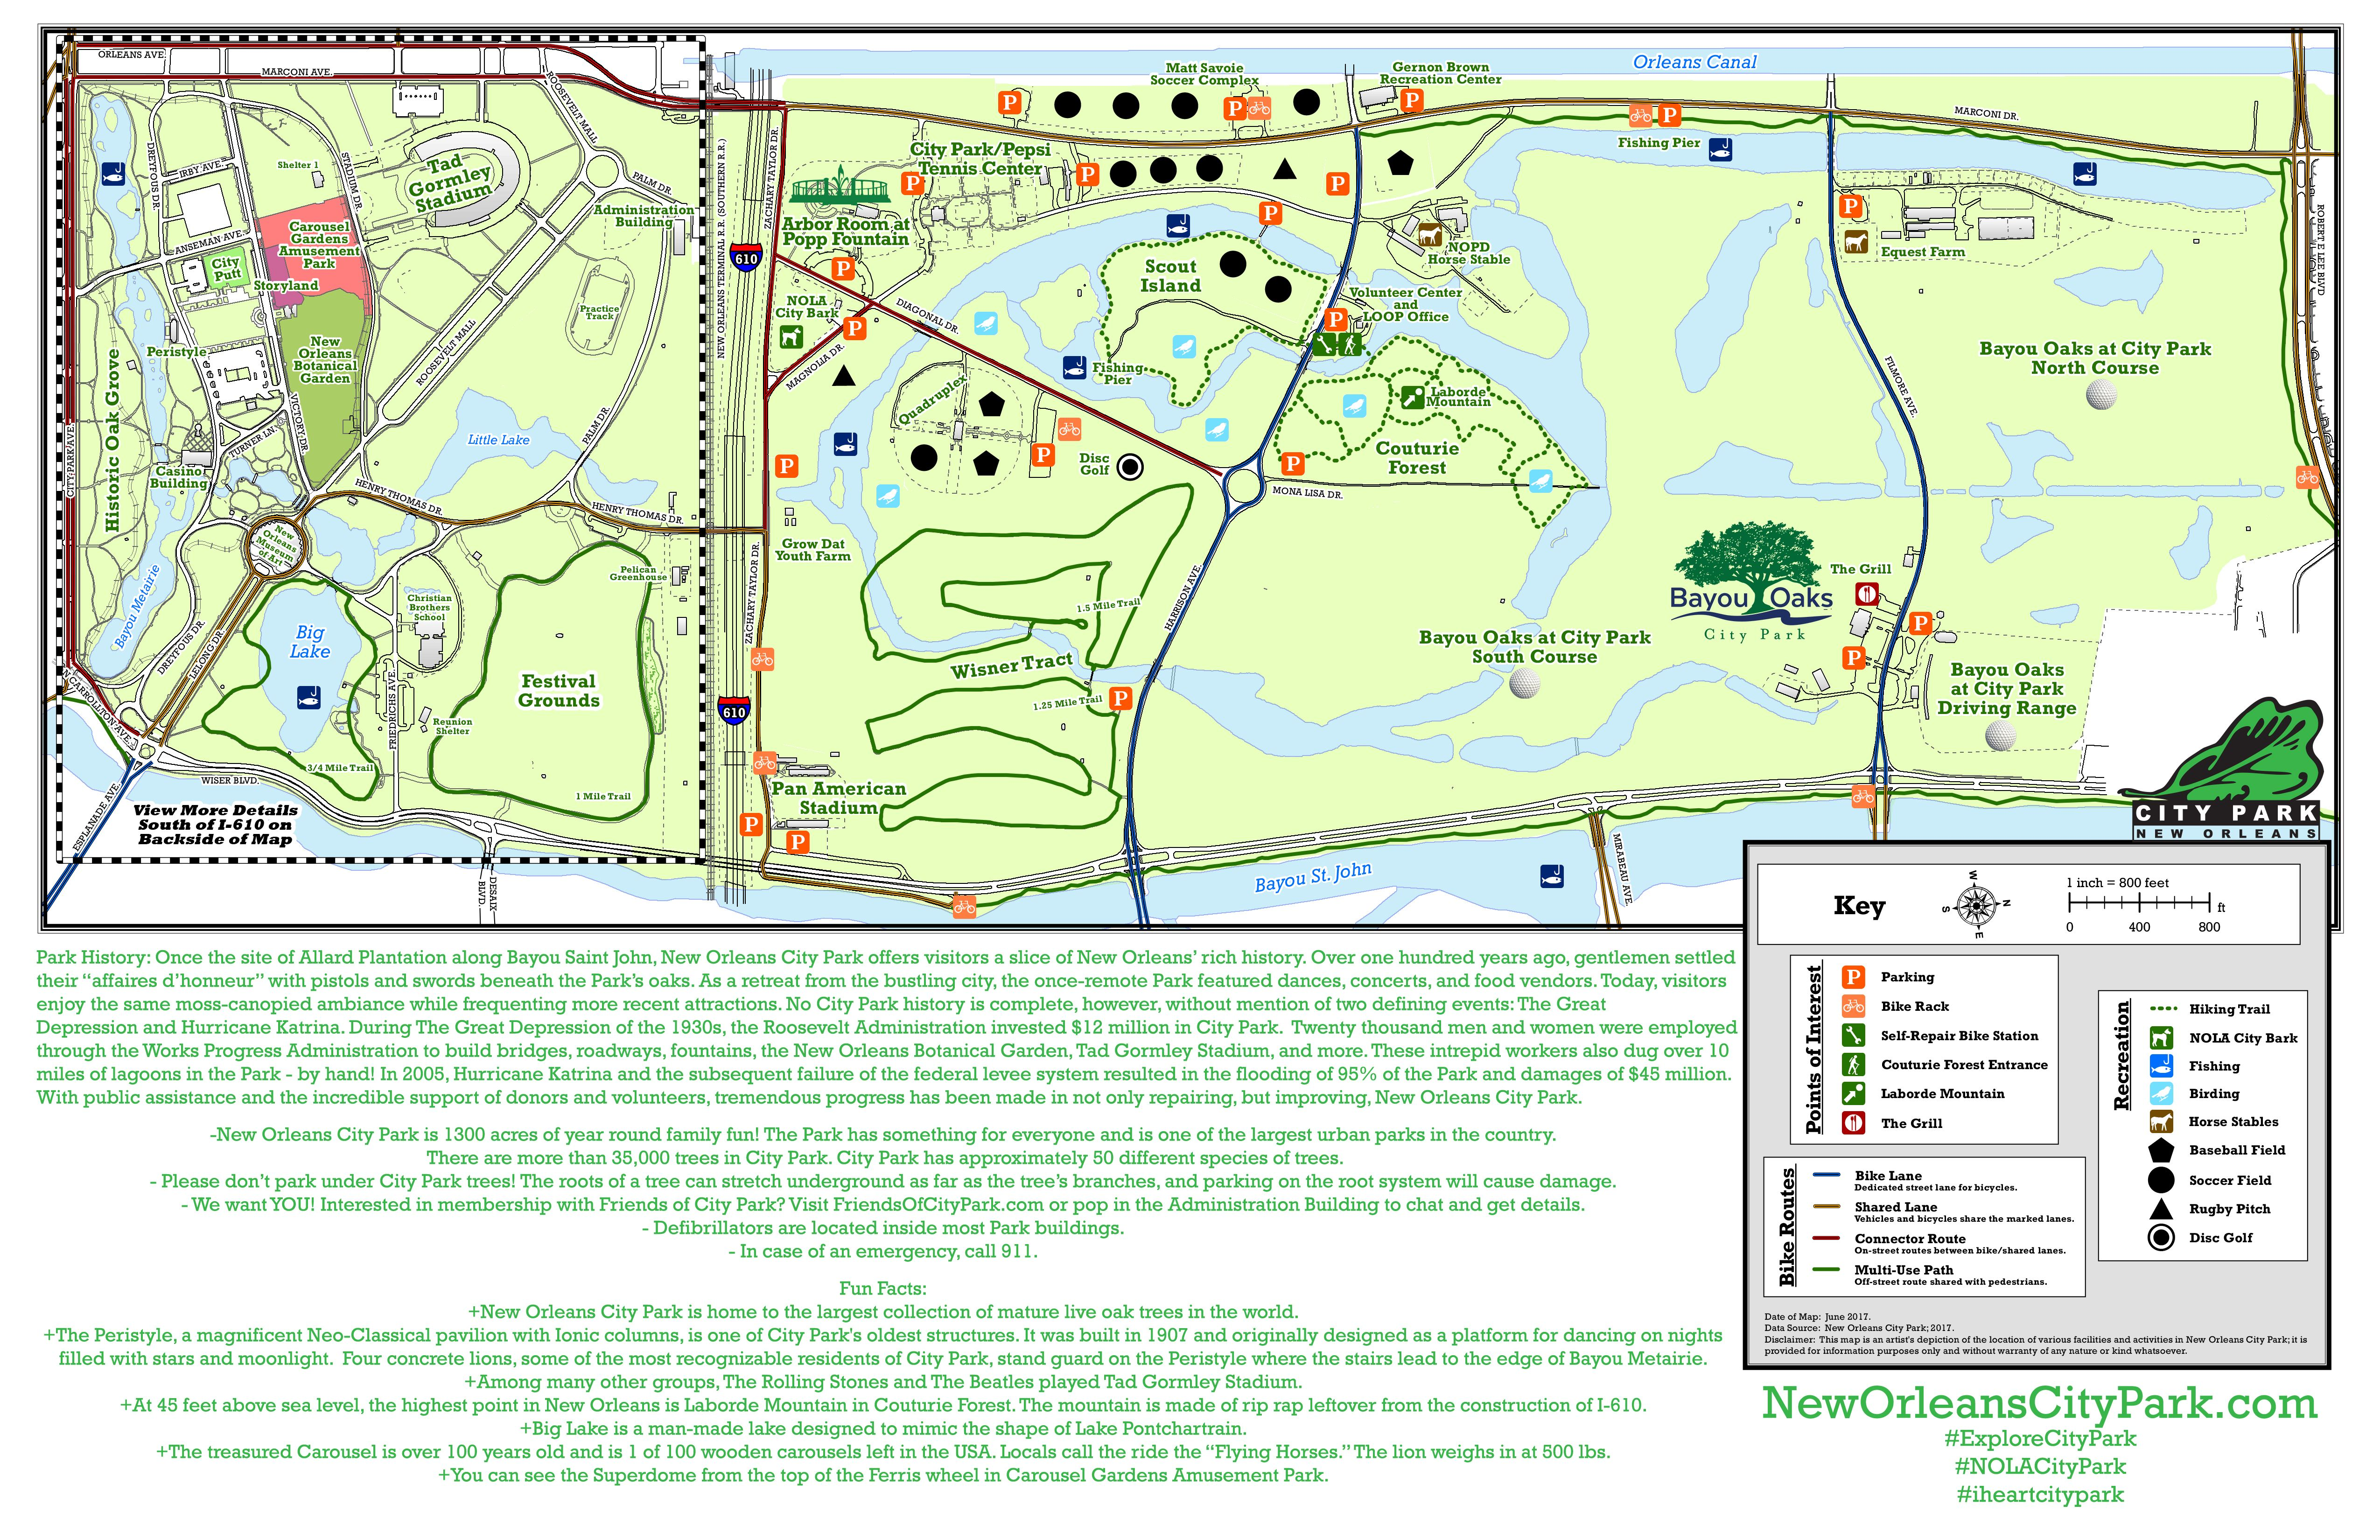 FINALFINALFRONTMAP62217jpg 51003300 Maps Pinterest